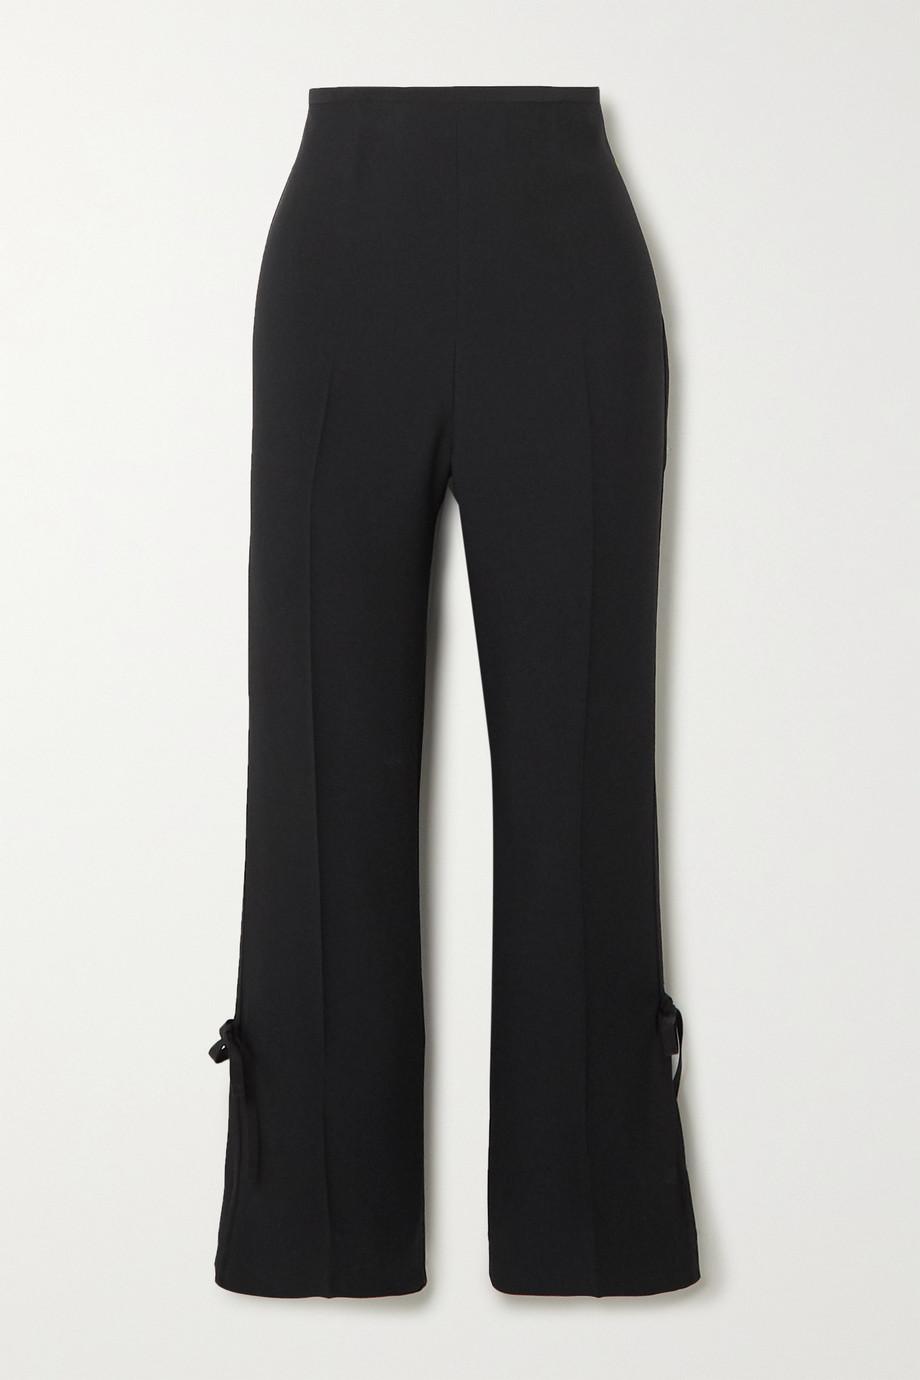 Prada Bow-embellished cropped crepe straight-leg pants